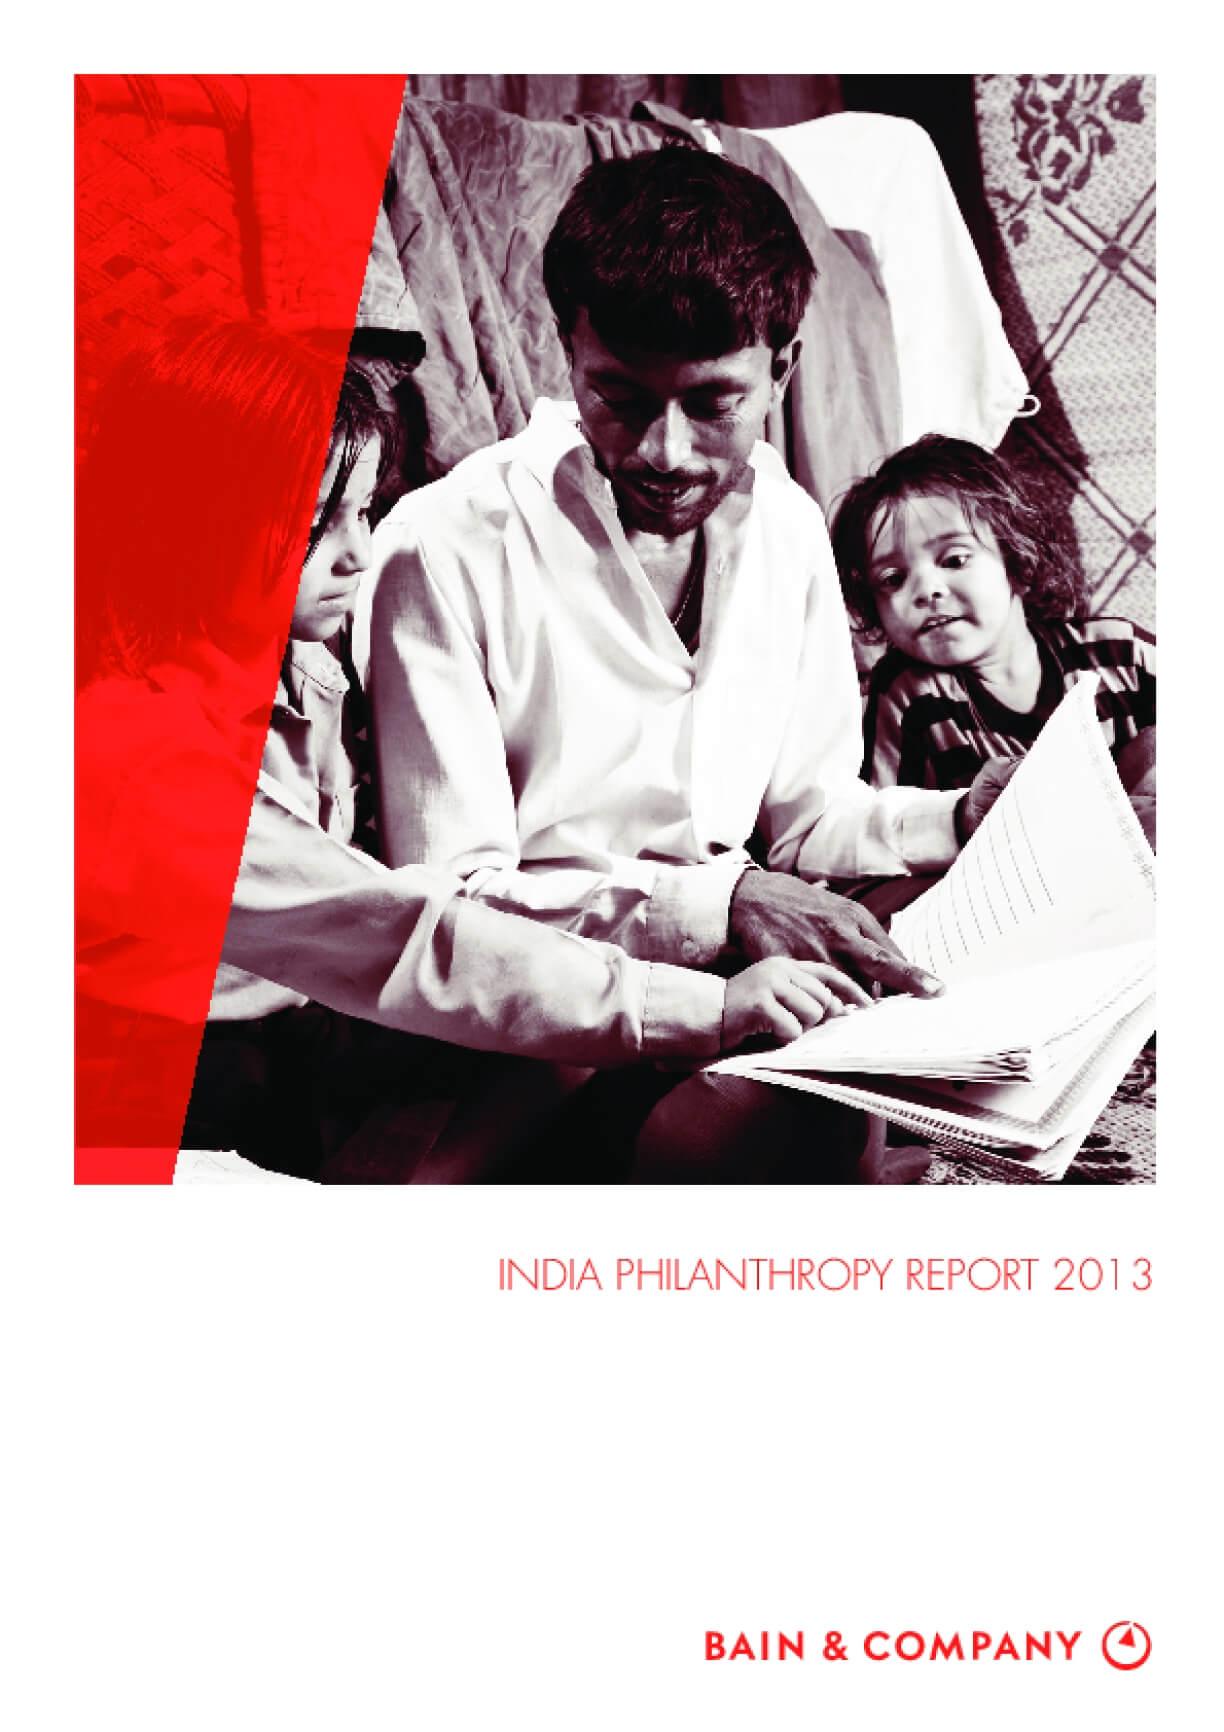 India Philanthropy Report 2013